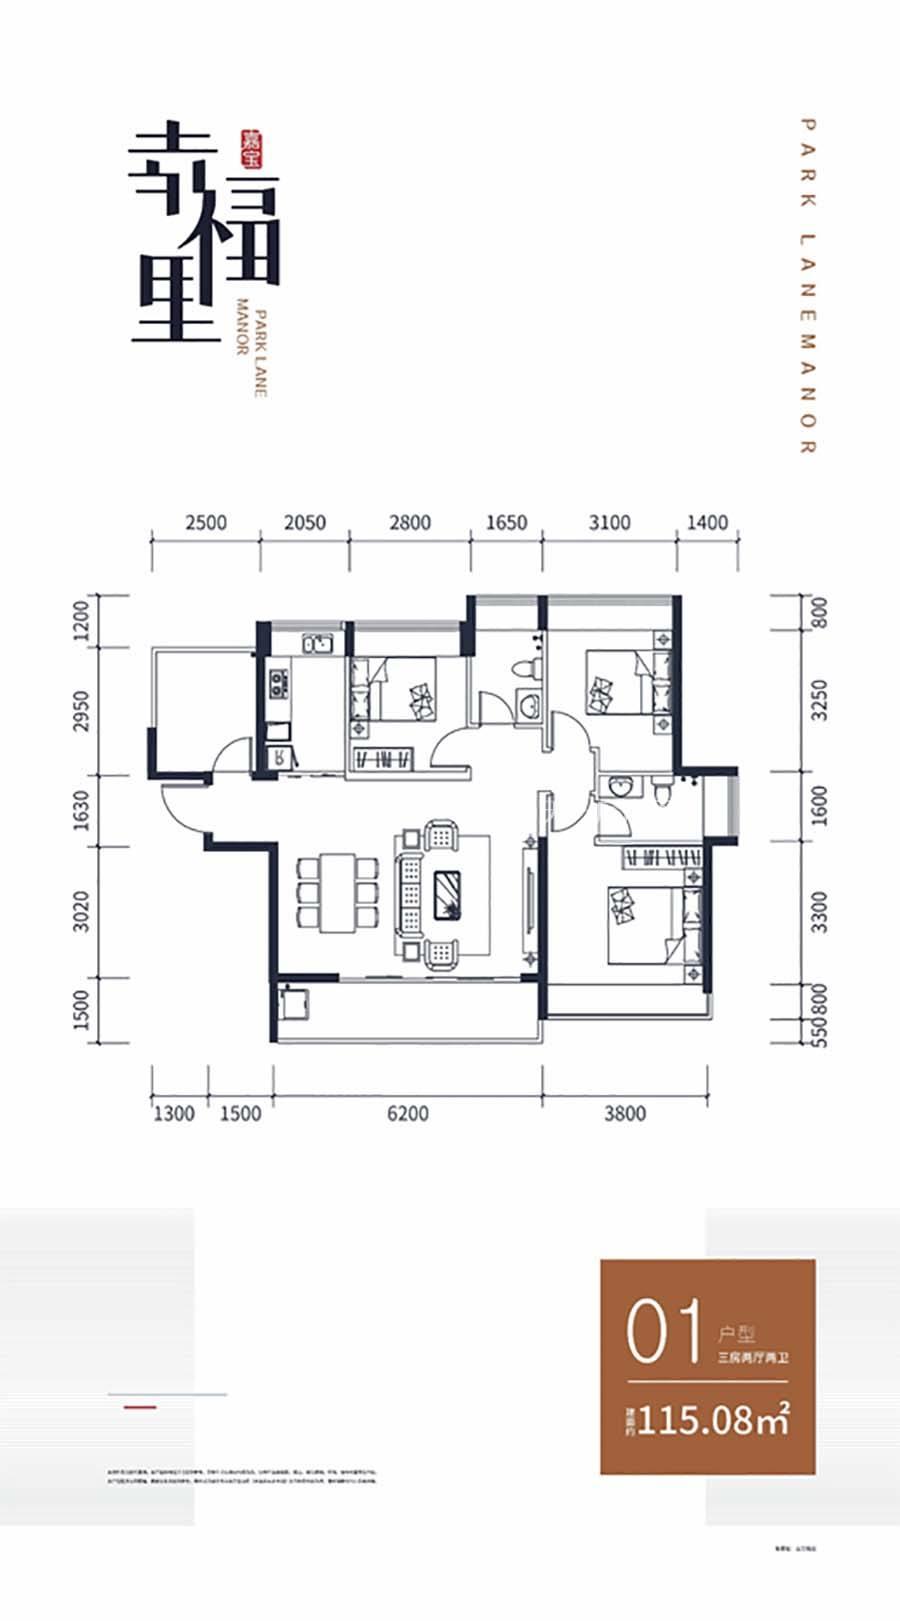 嘉宝幸福里01户型 3室2厅2卫 建筑面积:115.08m²